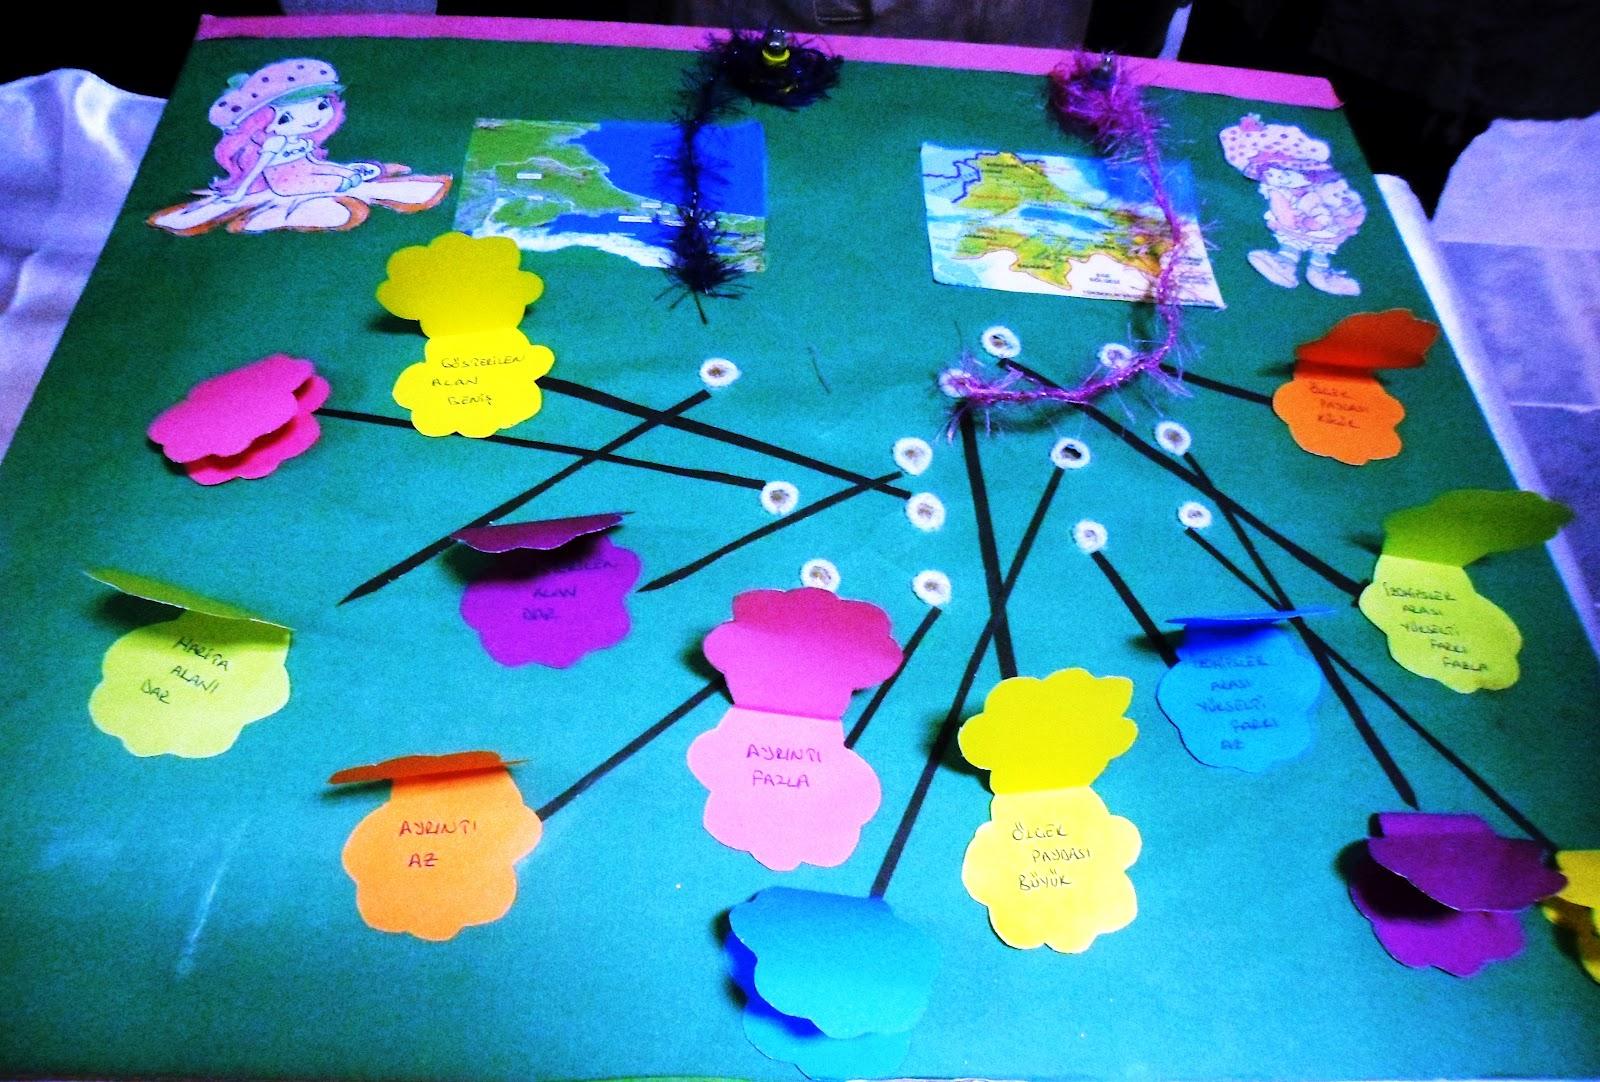 Eğitim sosyal bilgiler öğretmenliği materyal tasarım sergisi